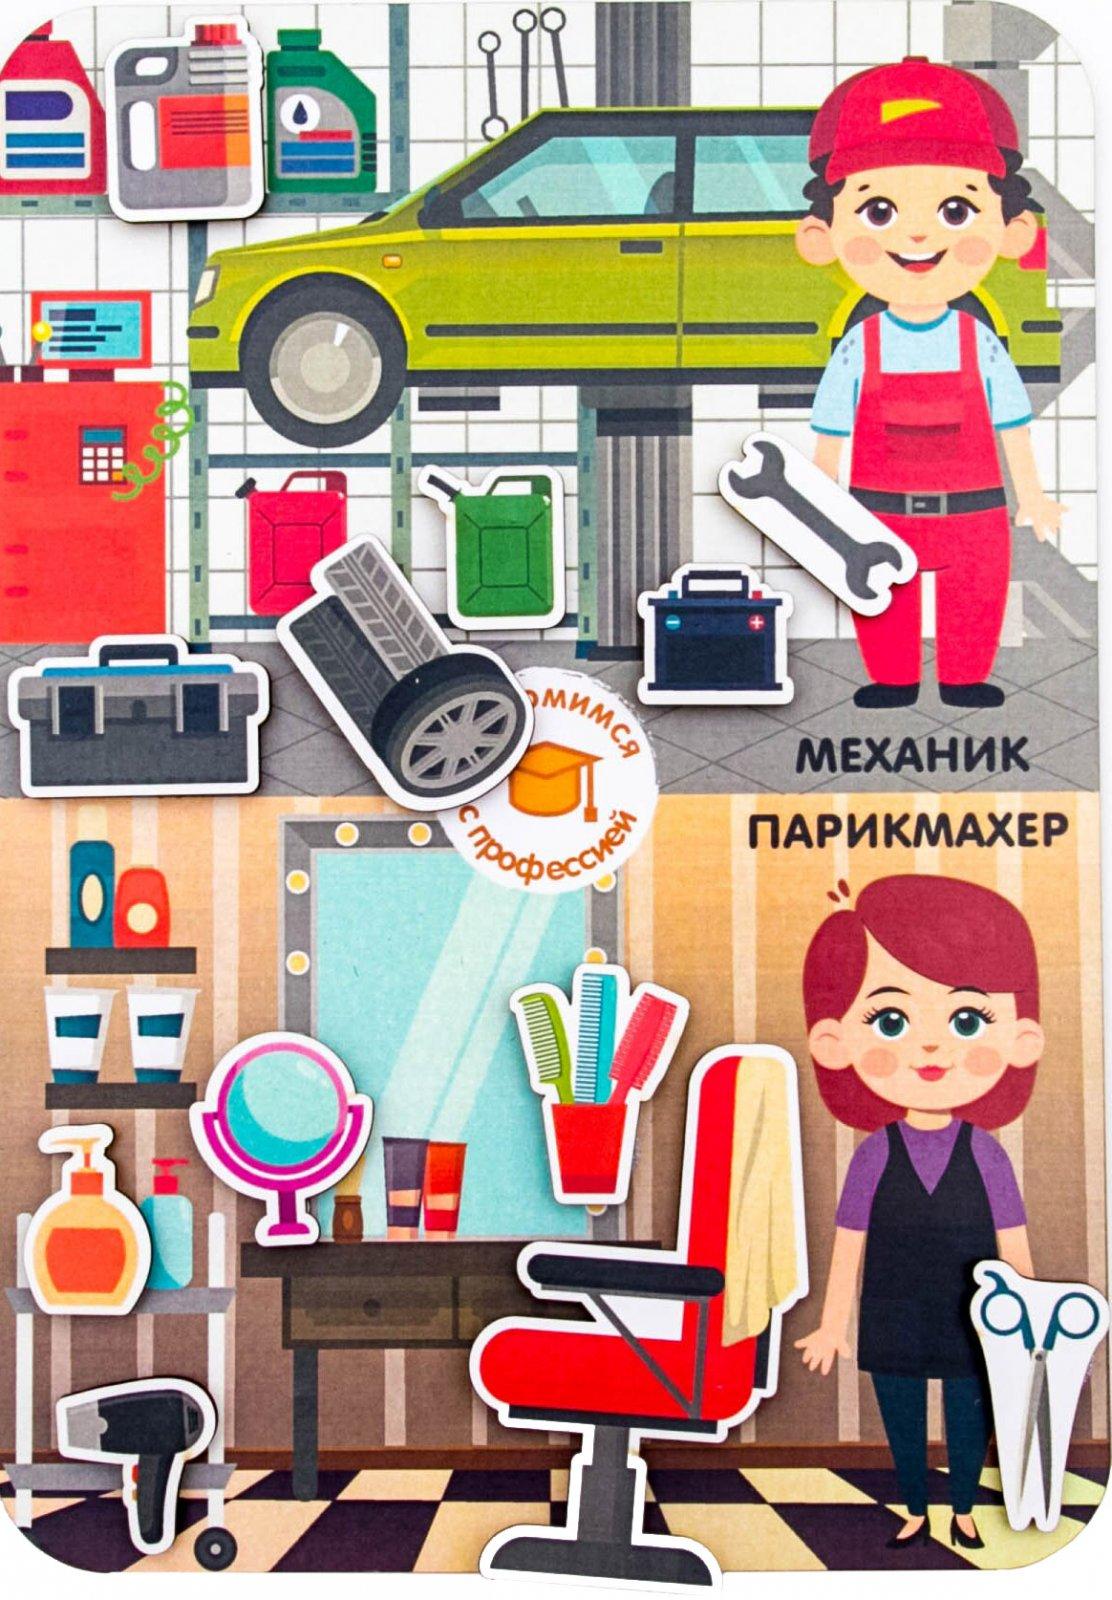 Купить Сортер деревянный из серии Профессии - Механик и Парикмахер, Сибирский сувенир